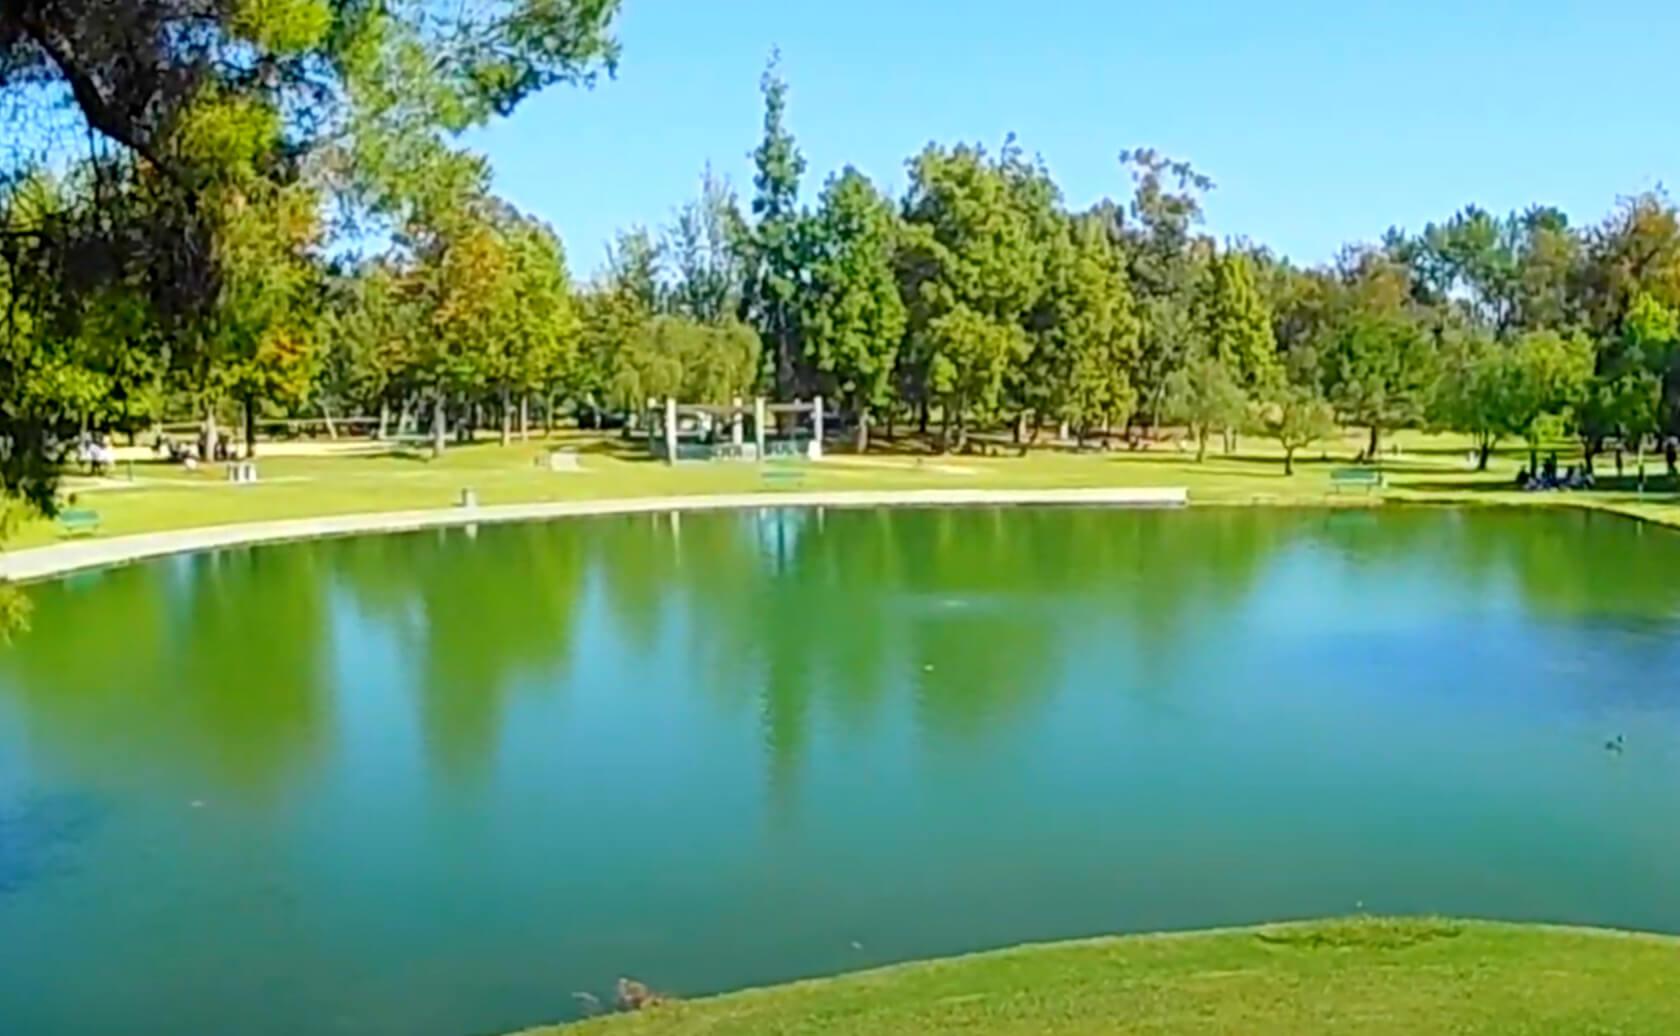 Craig-Regional-Park-Lake-Fishing-Guide-Report-Fullerton-CA-07